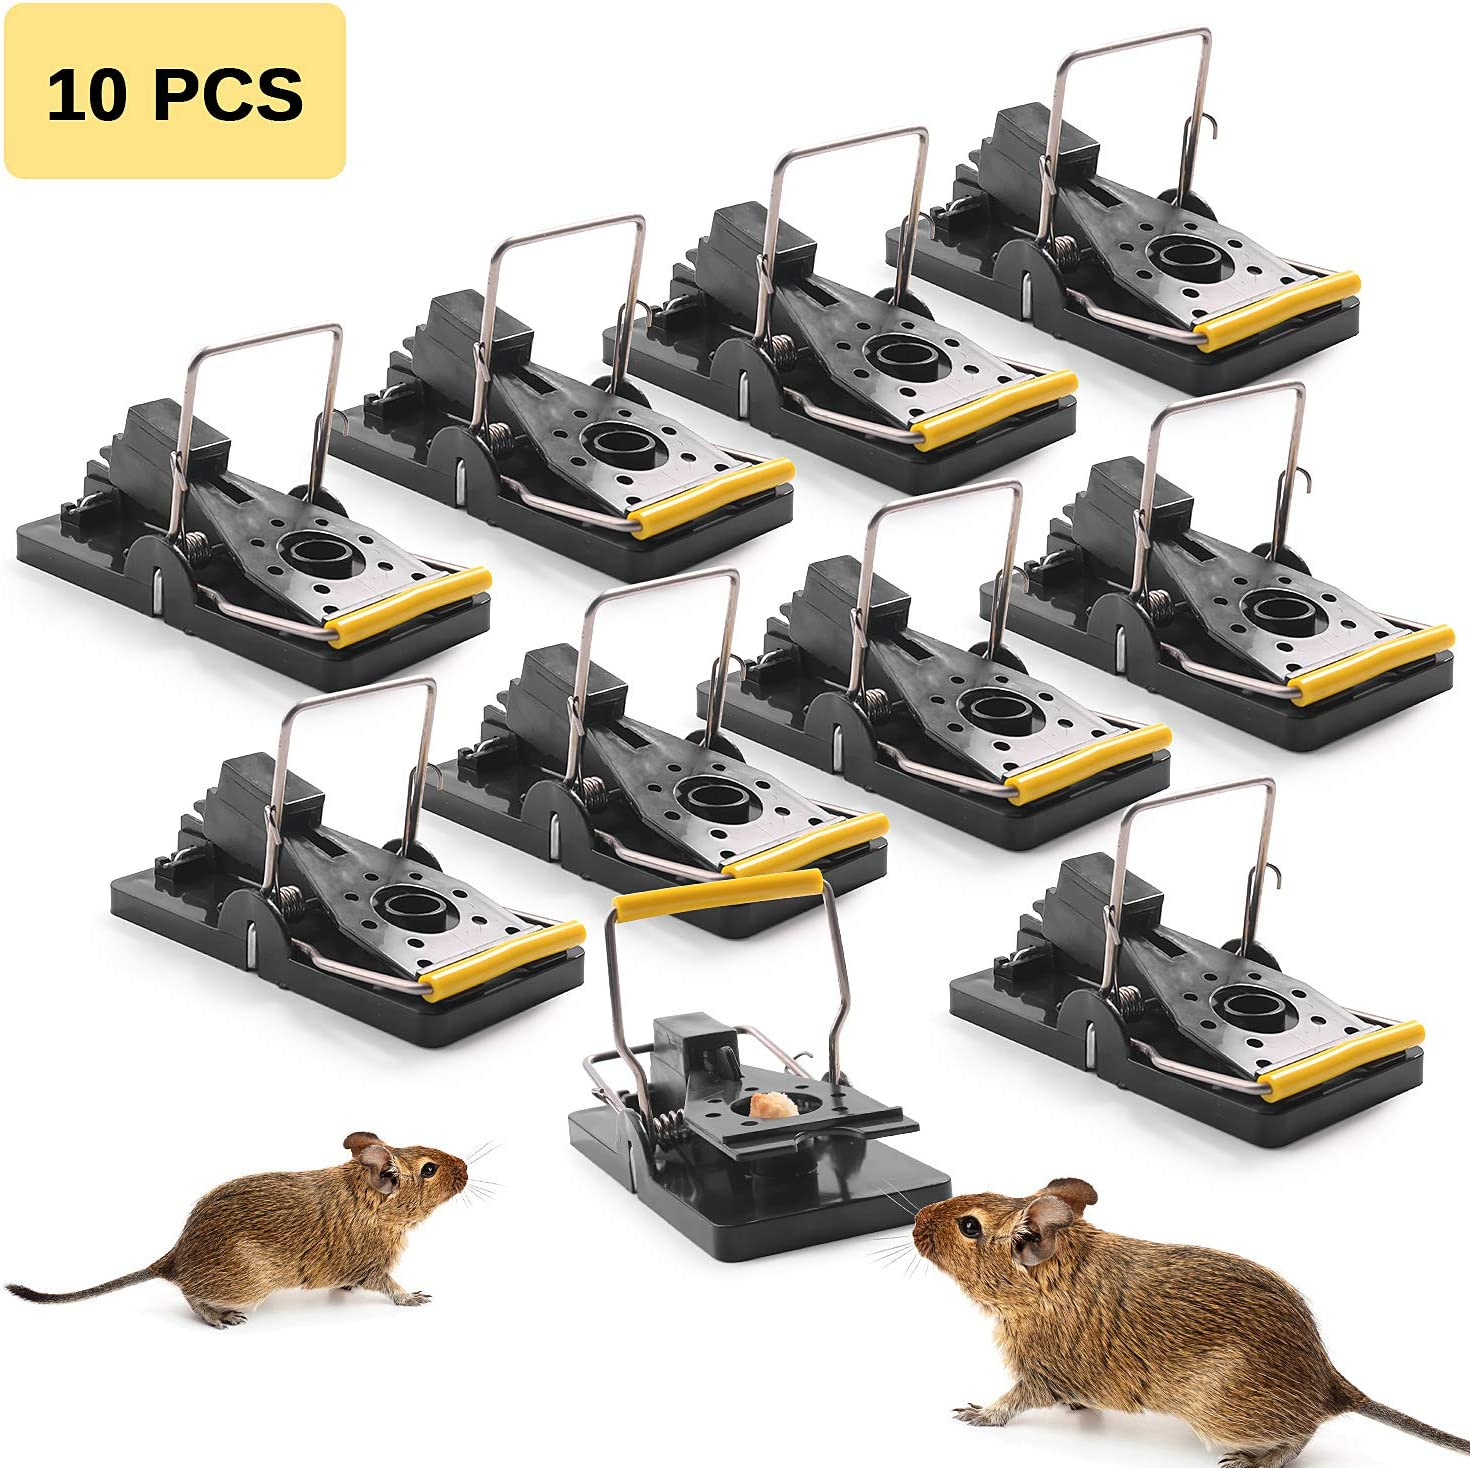 Ulikey 10 Pcs Trampas para Ratones, Reutilizable Trampa Ratones, Trampa de Ratón Trampa Profesional para Ratas, Alta sensibilidad Respuesta Rápida Seguro Efectivo